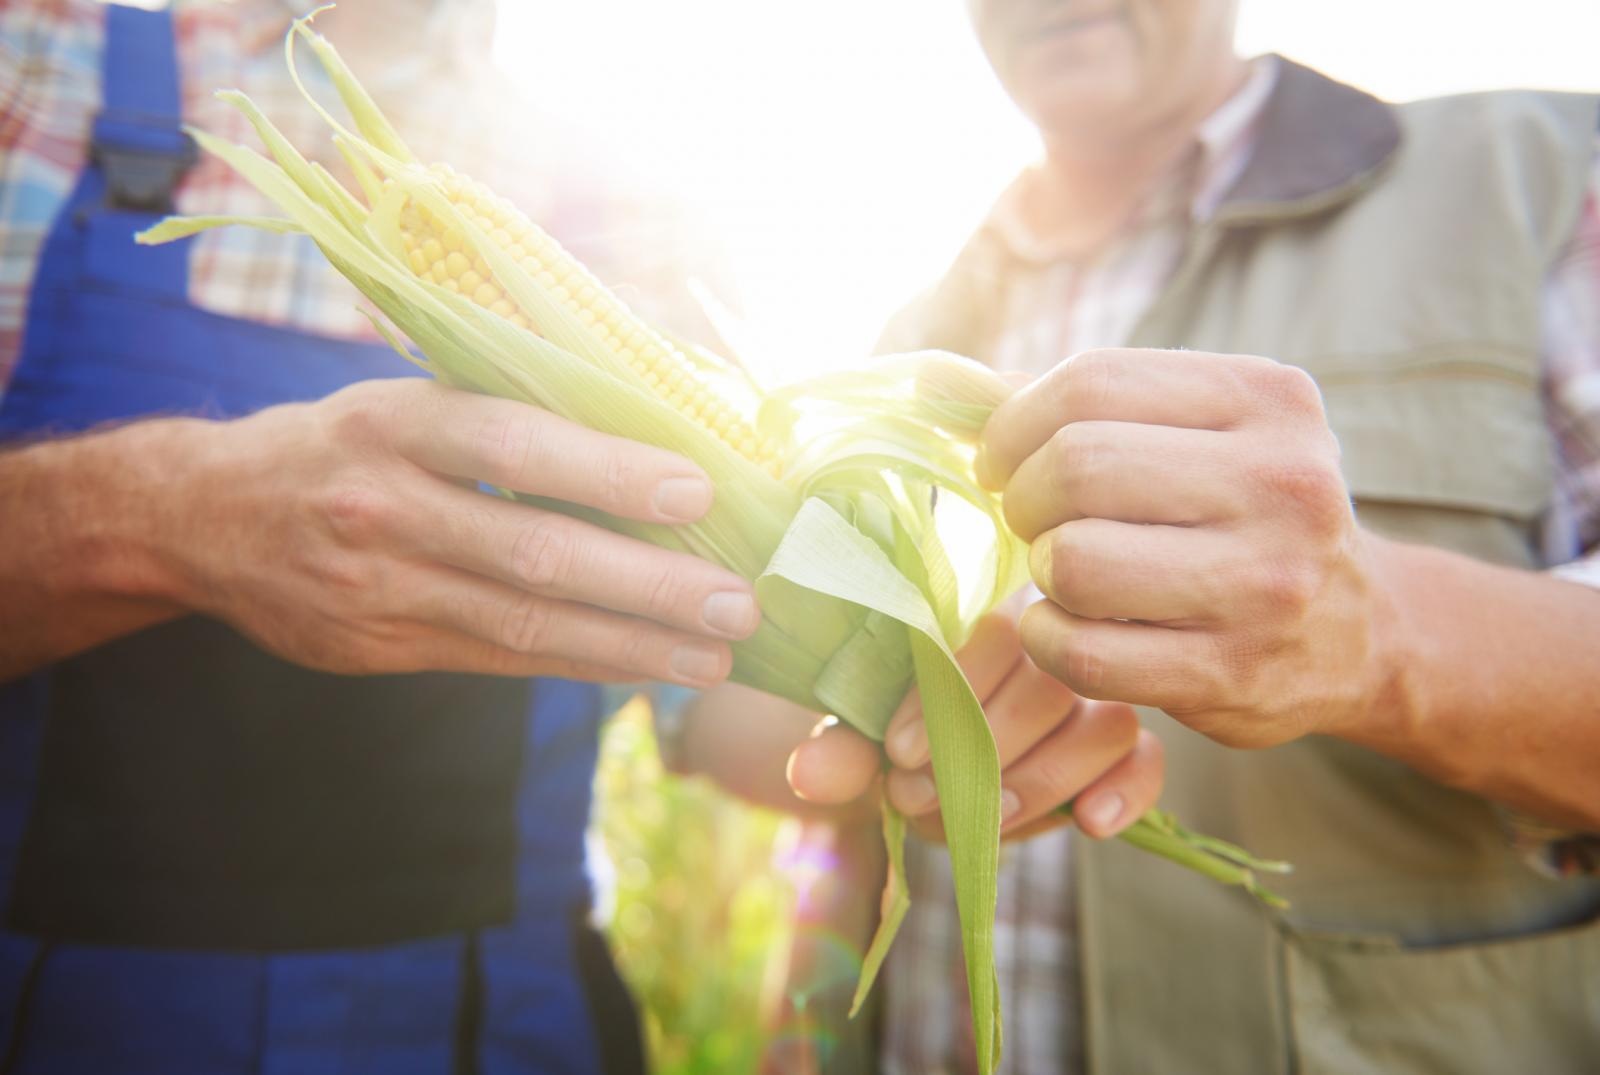 Kukuruz potječe iz Srednje Amerike, a danas je uz pšenicu i rižu najvažnija žitarica.